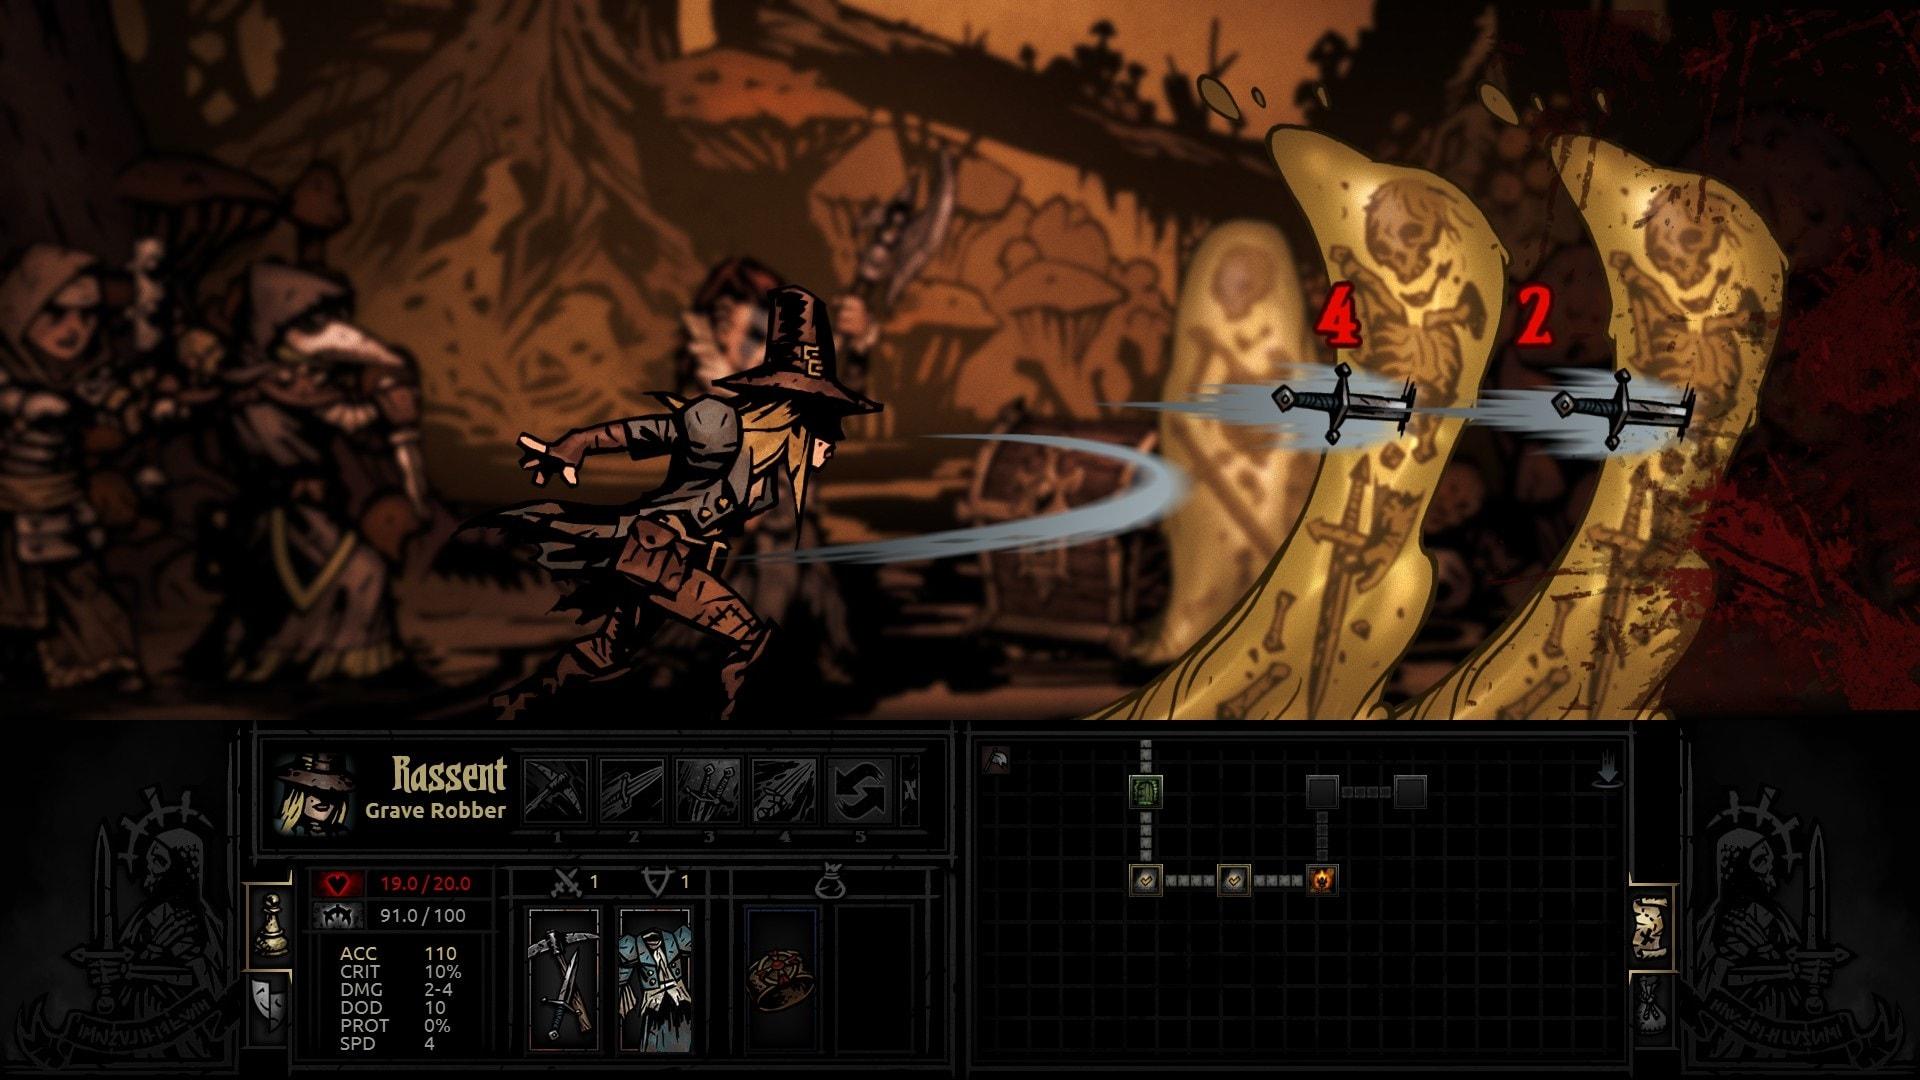 Darkest Dungeon: Grave Robber Background